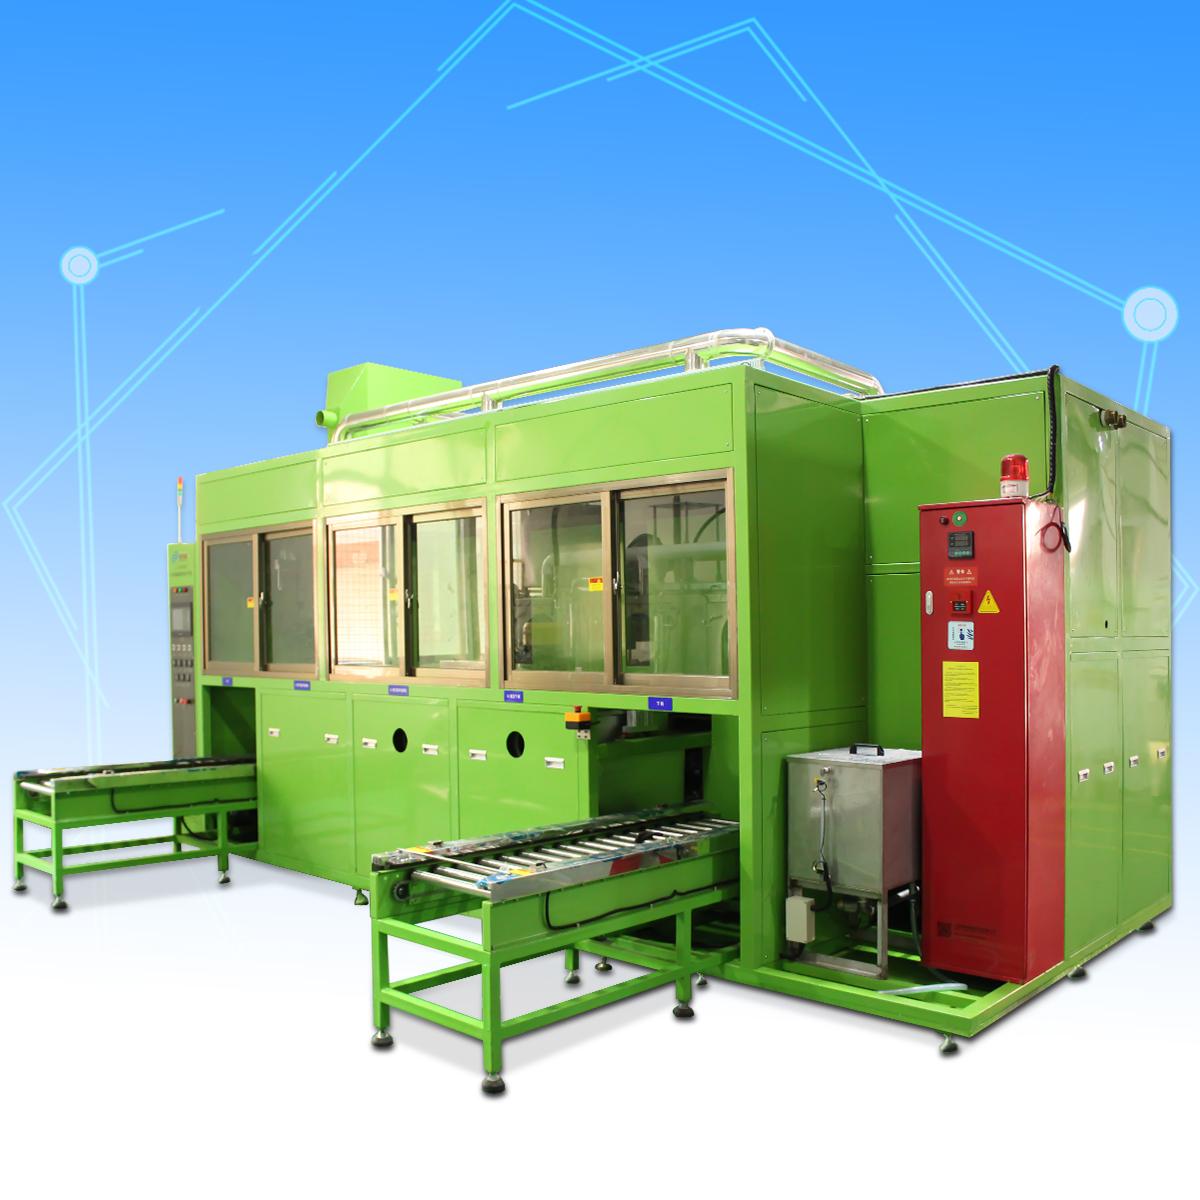 碳氢超声波清洗机-利兴隆定制-碳氢超声波清洗机价格